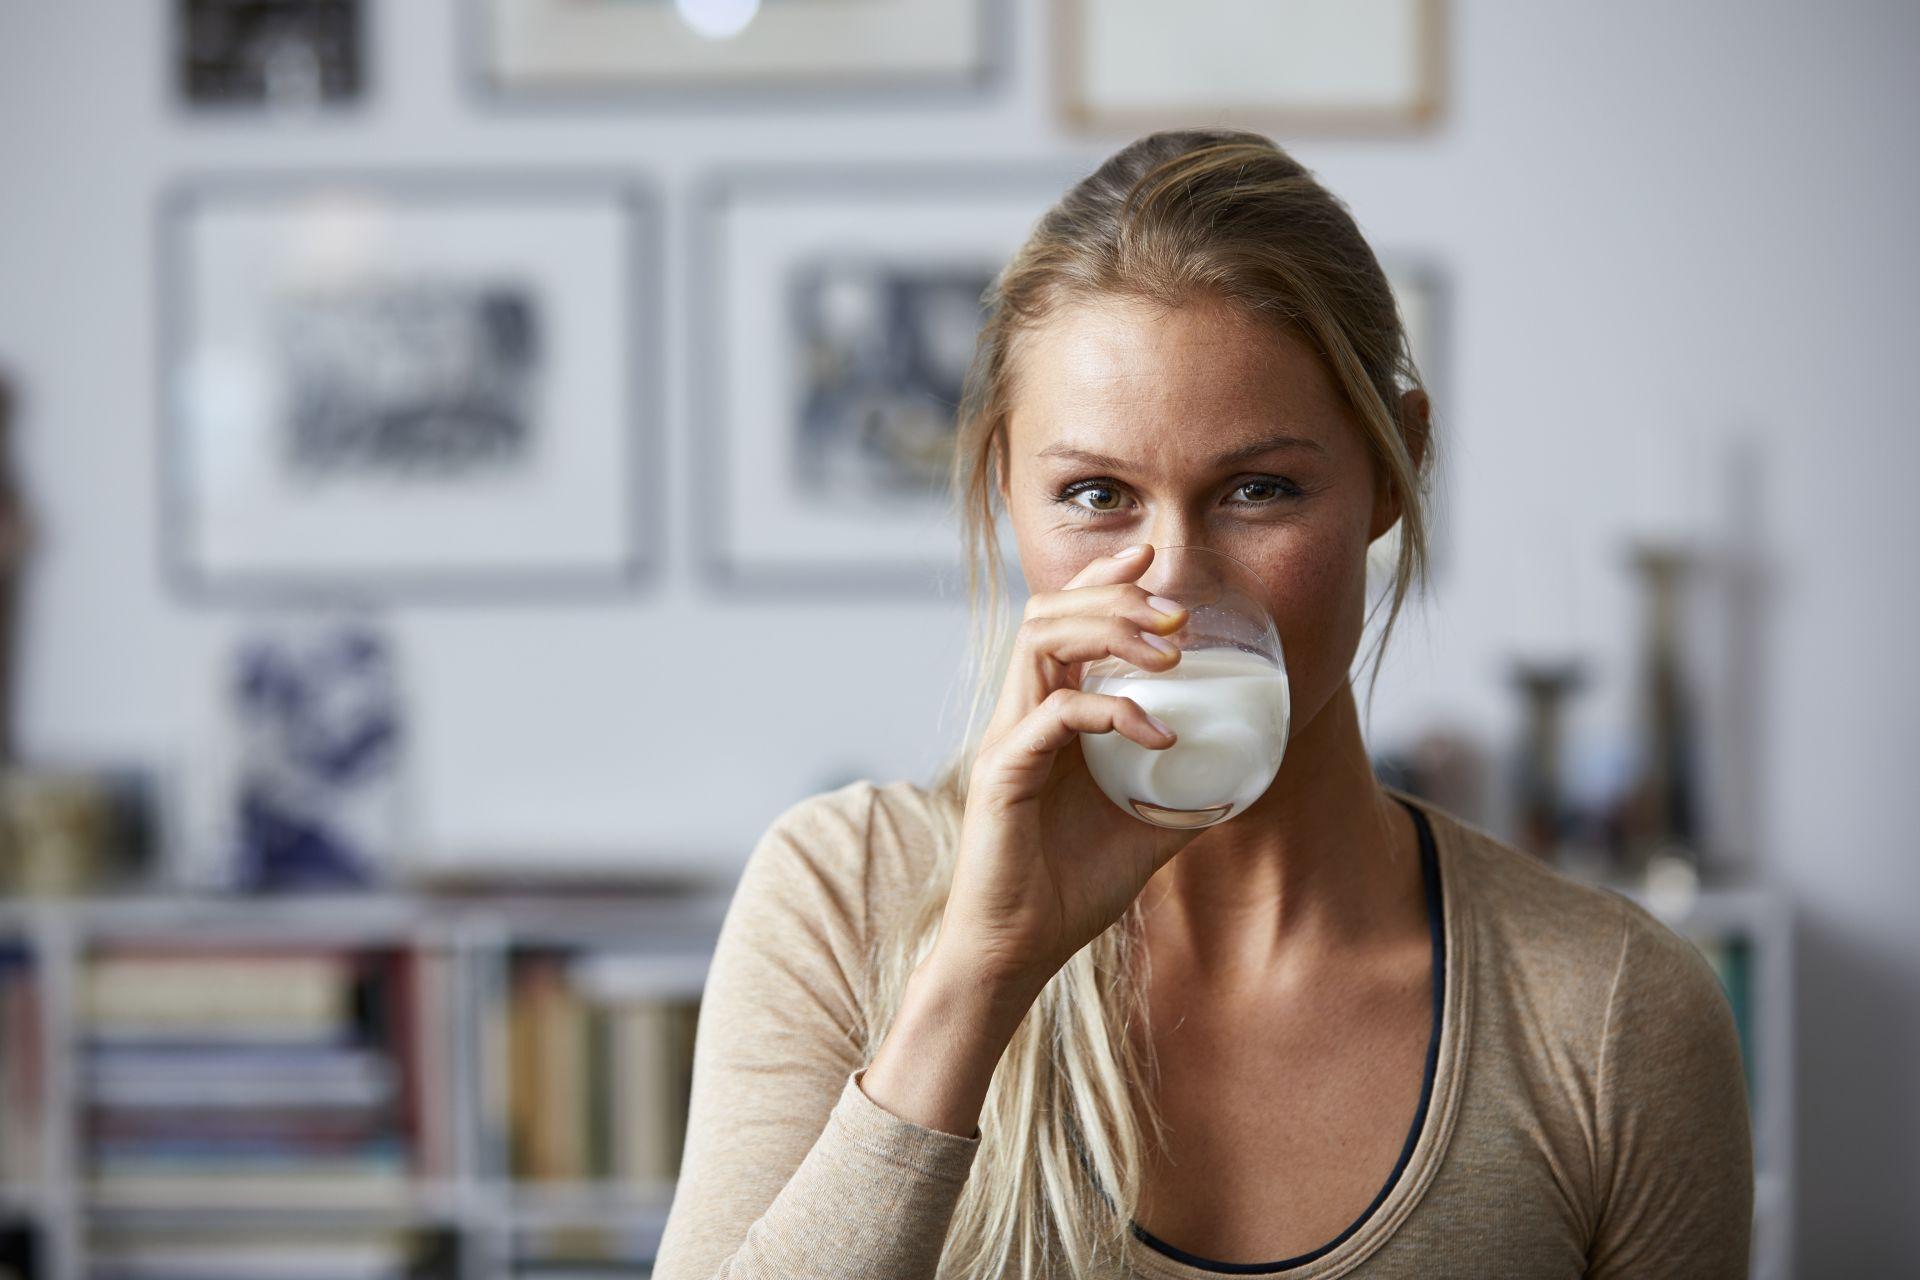 daglig kaloriinntak kvinne